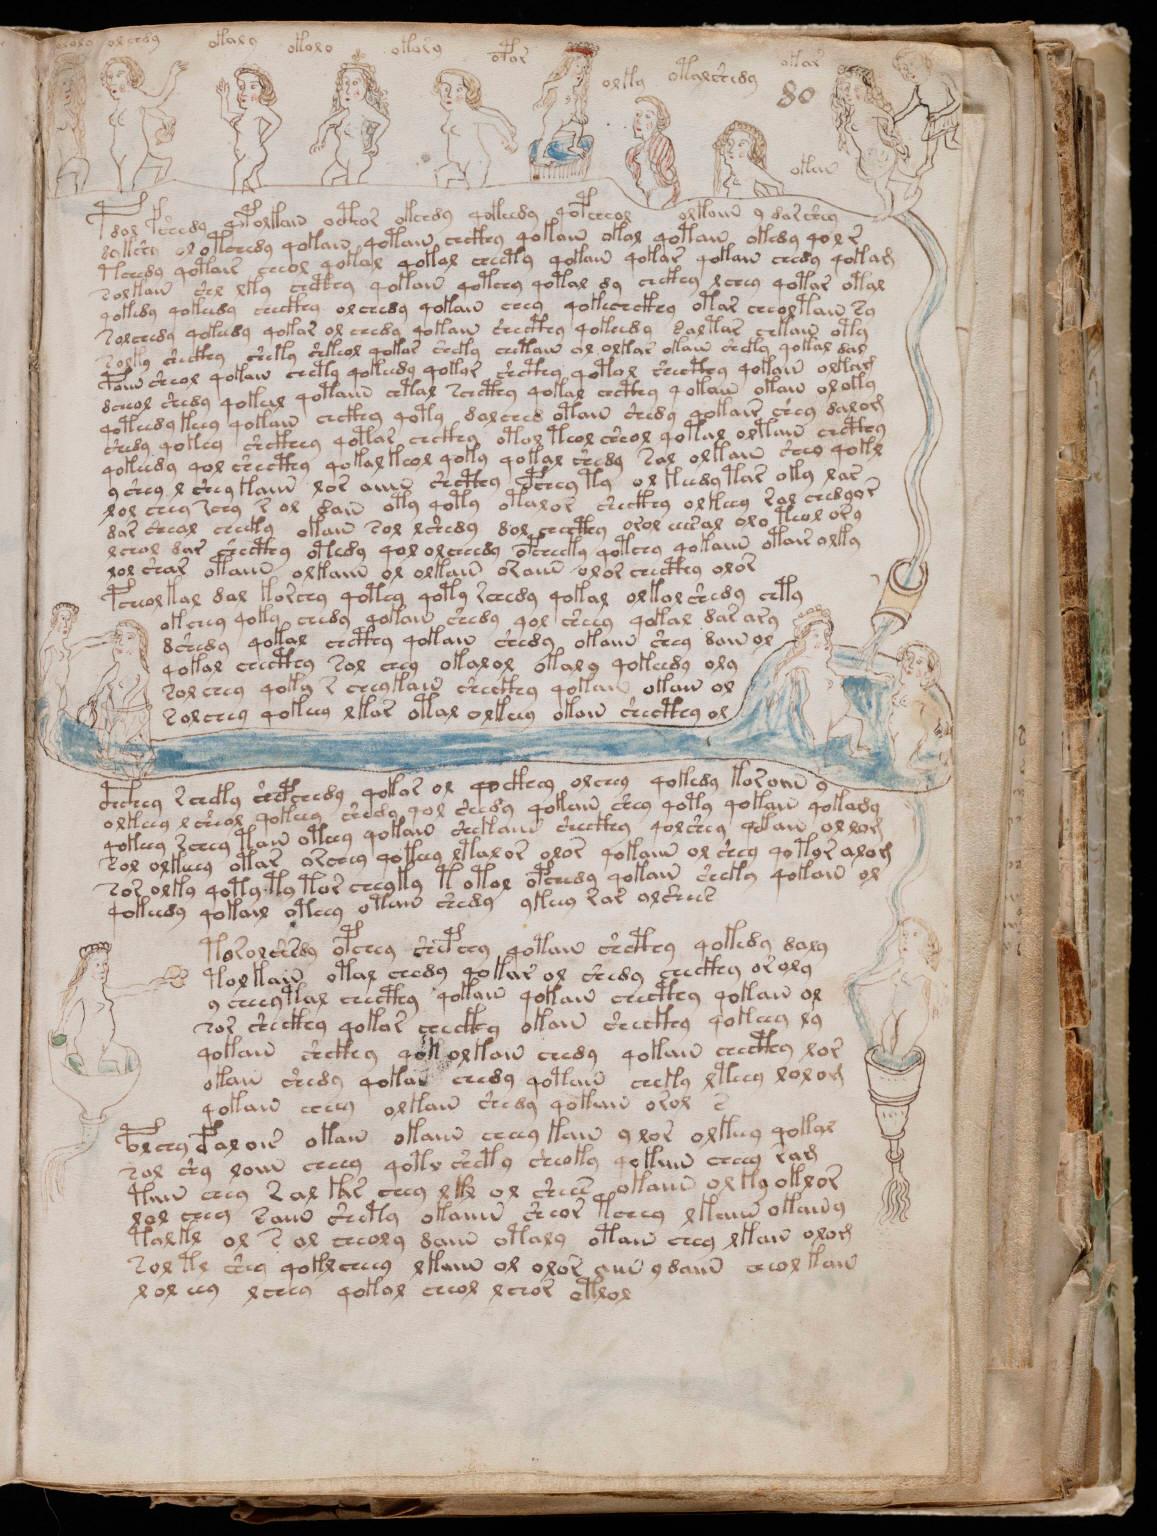 Текст документа остается загадкой для лингвистов. Может быть, в XV веке тоже были тролли?